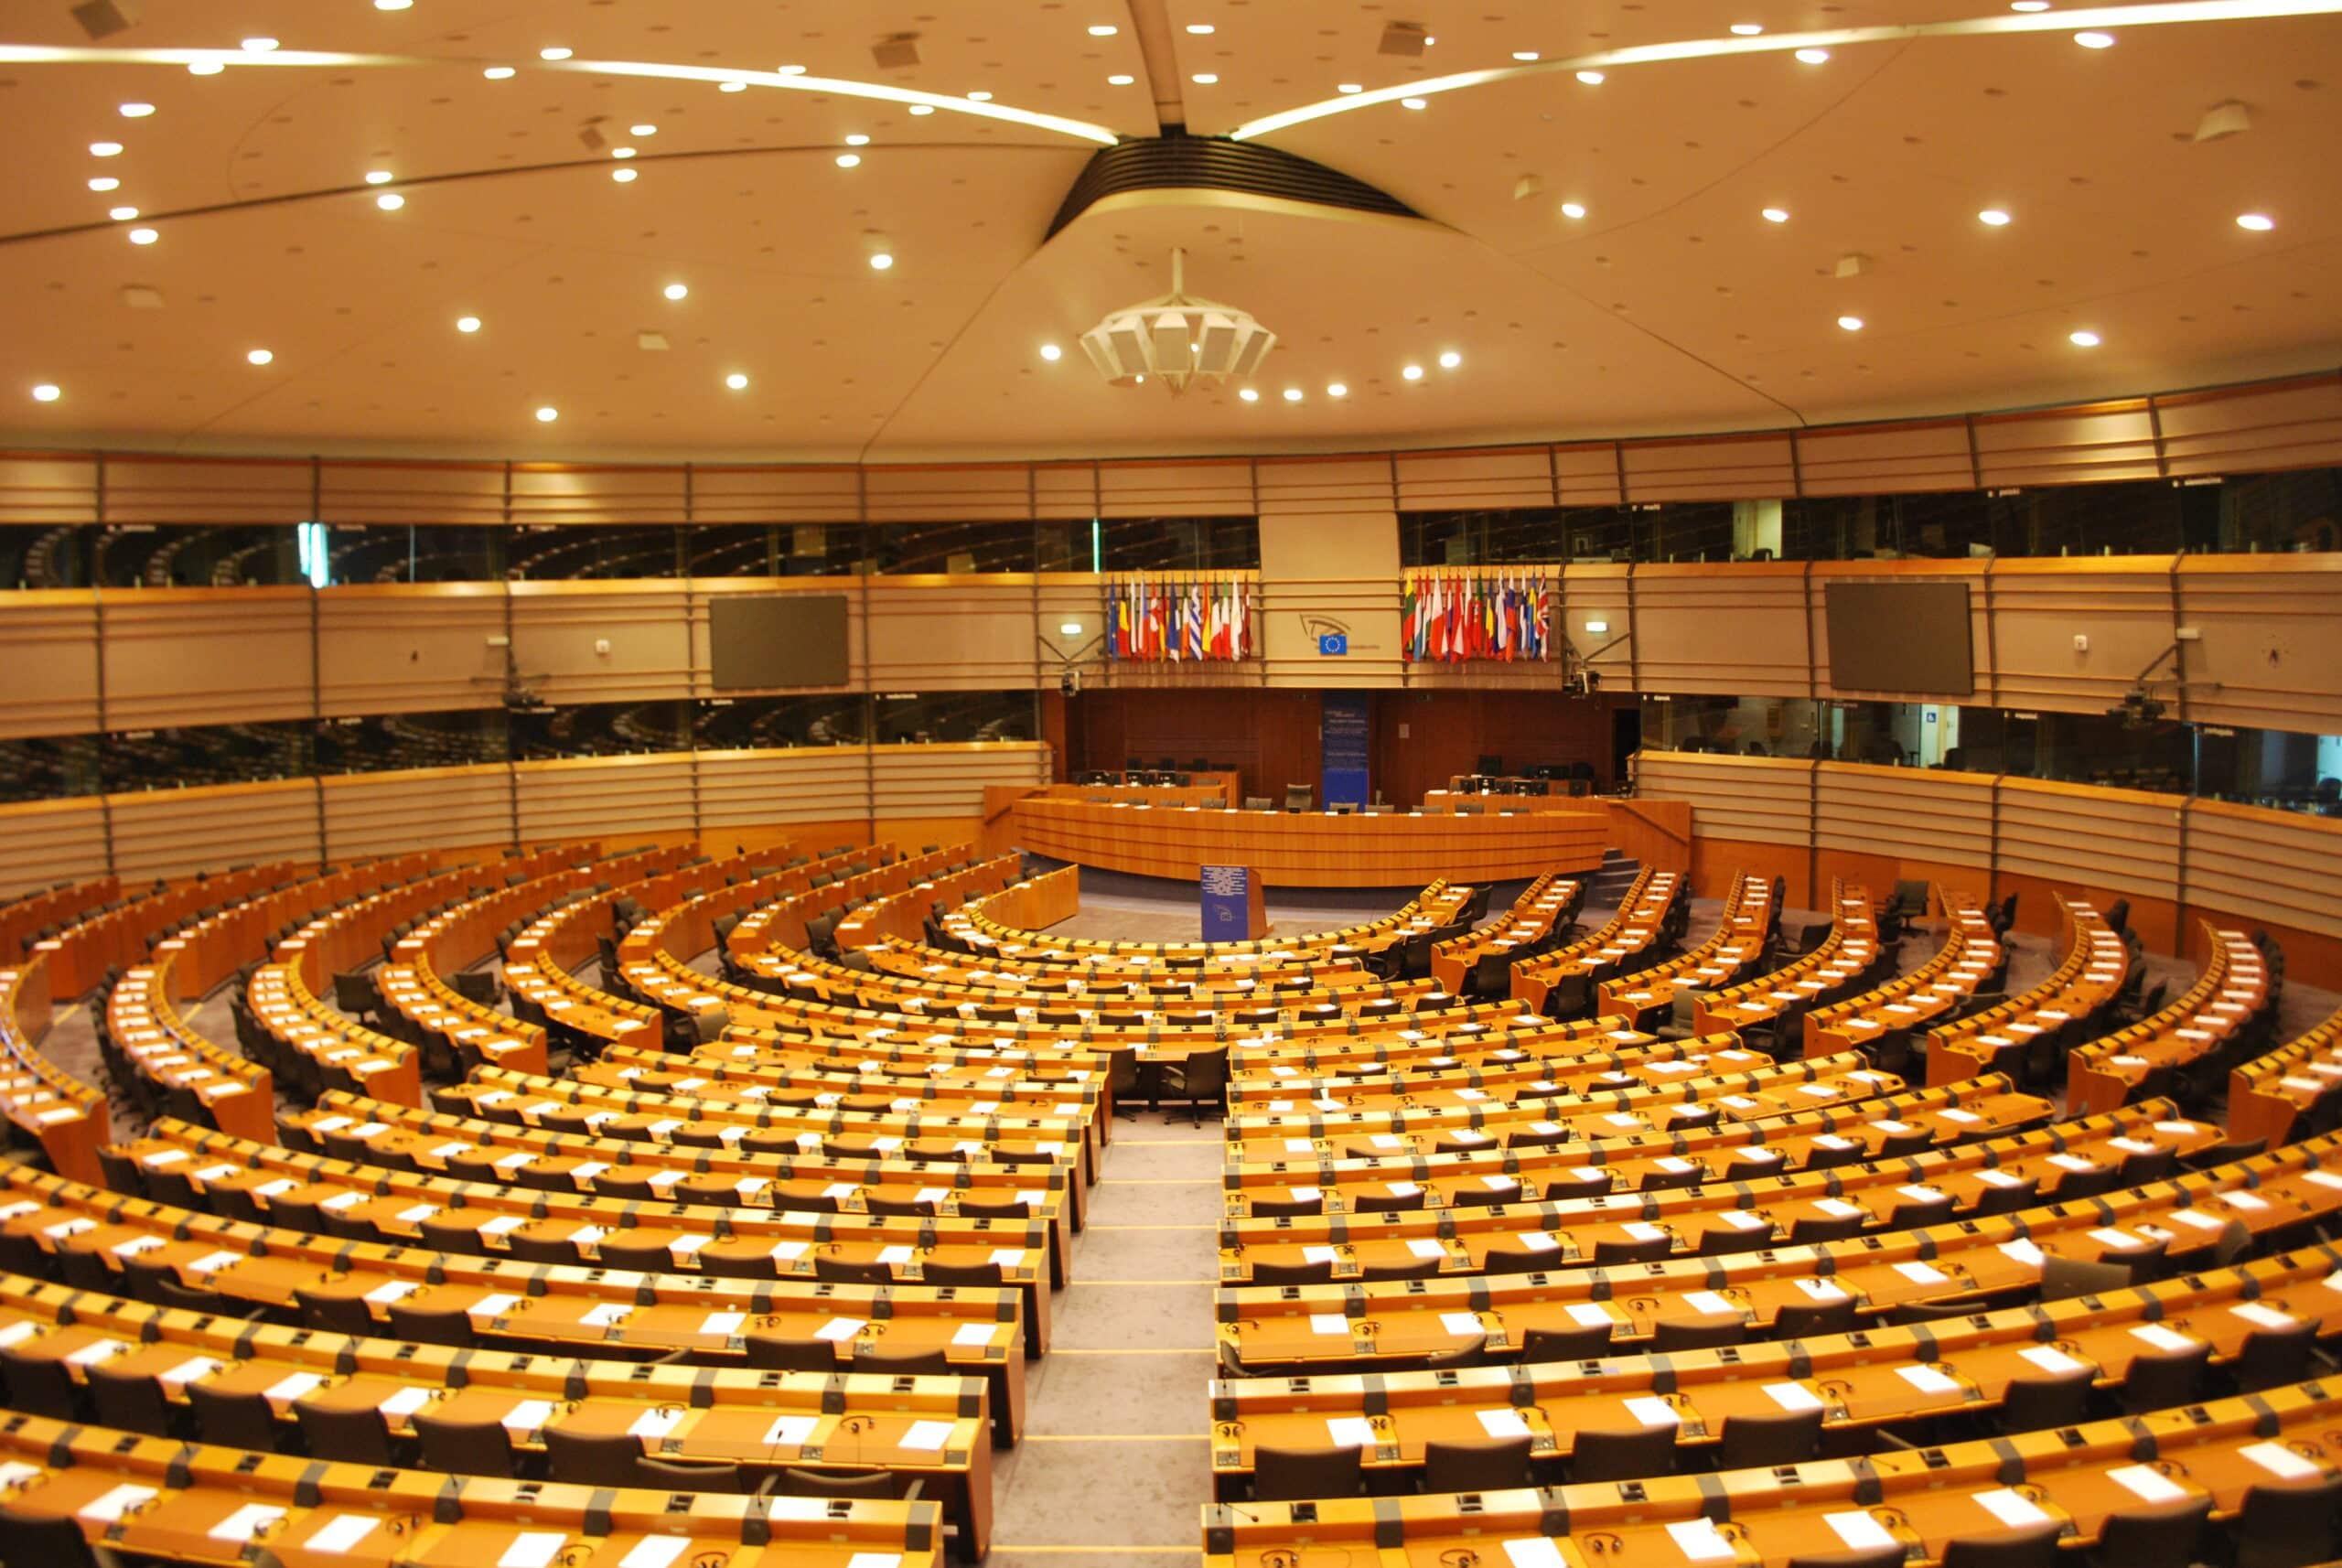 Audizione pubblica sul piano europeo contro il cancro